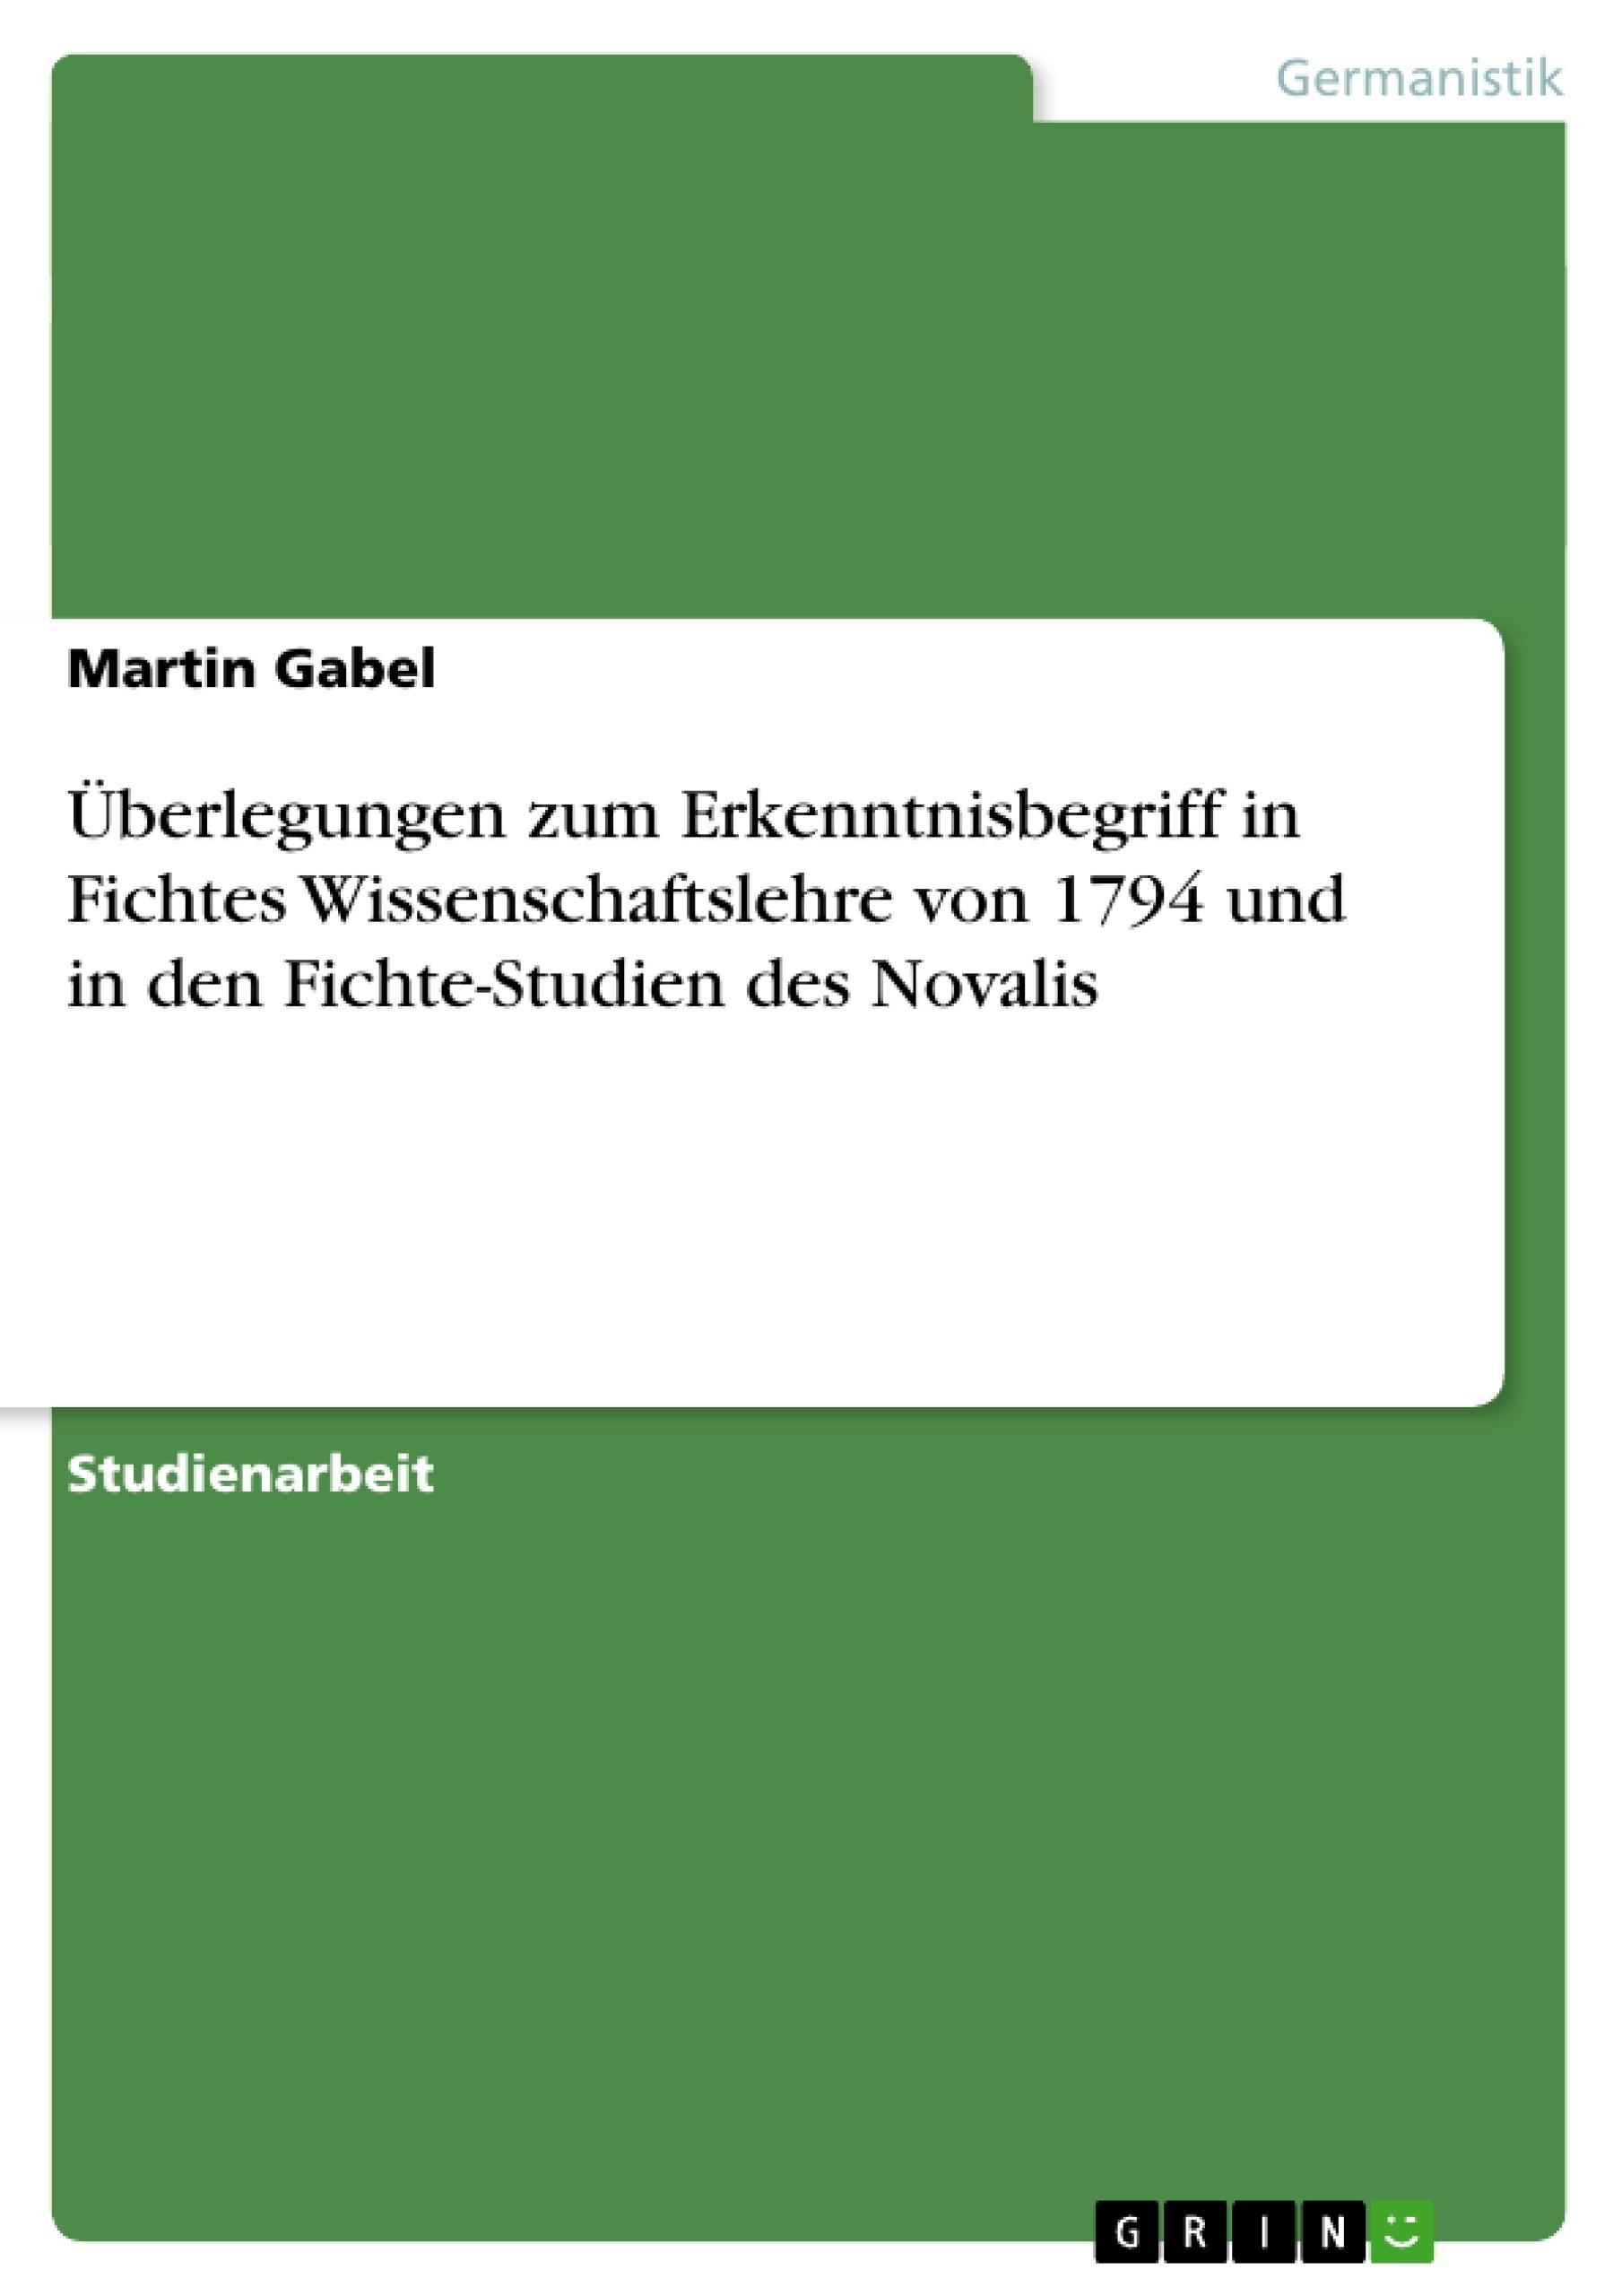 Titel: Überlegungen zum Erkenntnisbegriff in Fichtes Wissenschaftslehre von 1794 und in den Fichte-Studien des Novalis